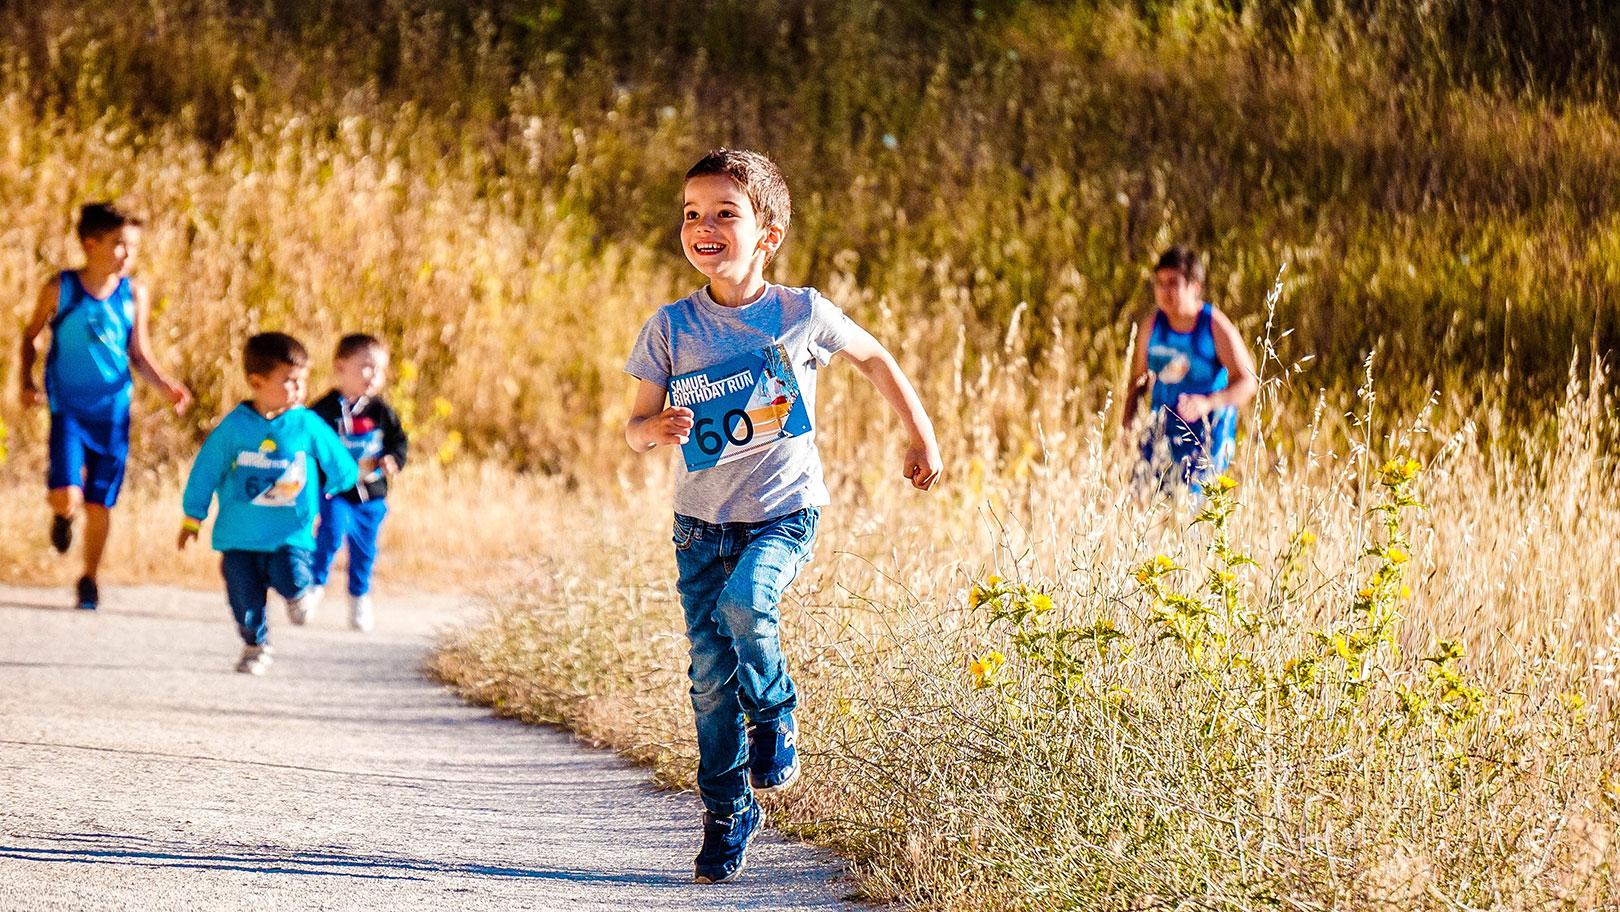 Des enfants courent durant une course